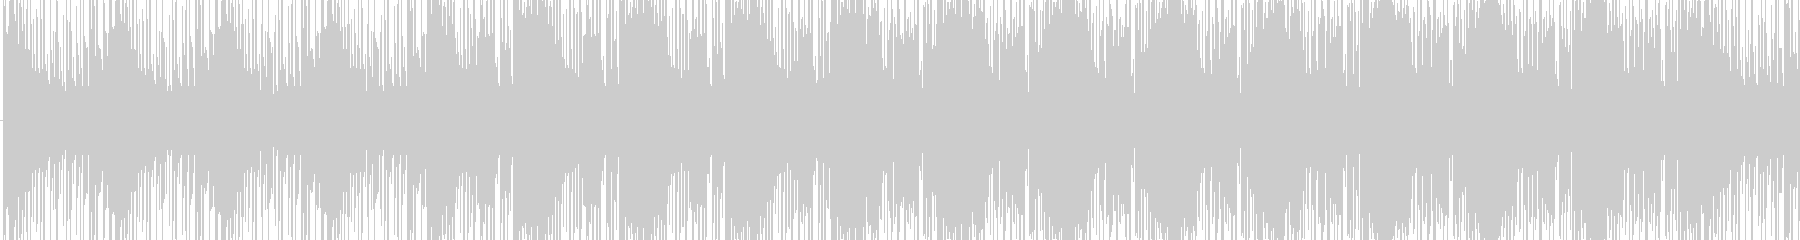 ジャジーで大人の雰囲気BGMの未再生の波形